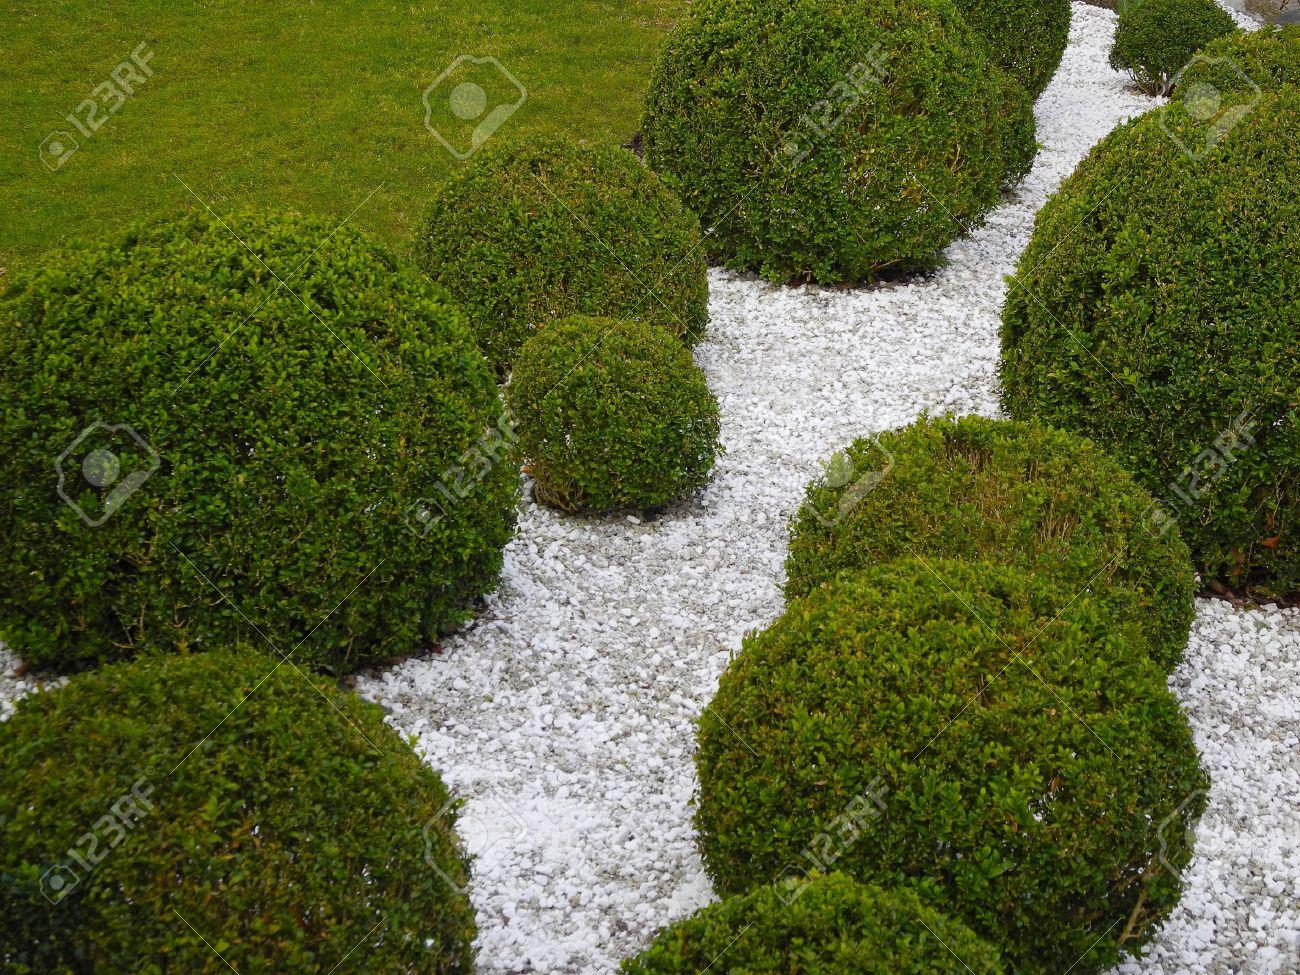 Trädgård Grus : Trädgård detalj med buxbom och vitt grus royalty fria stockfoton